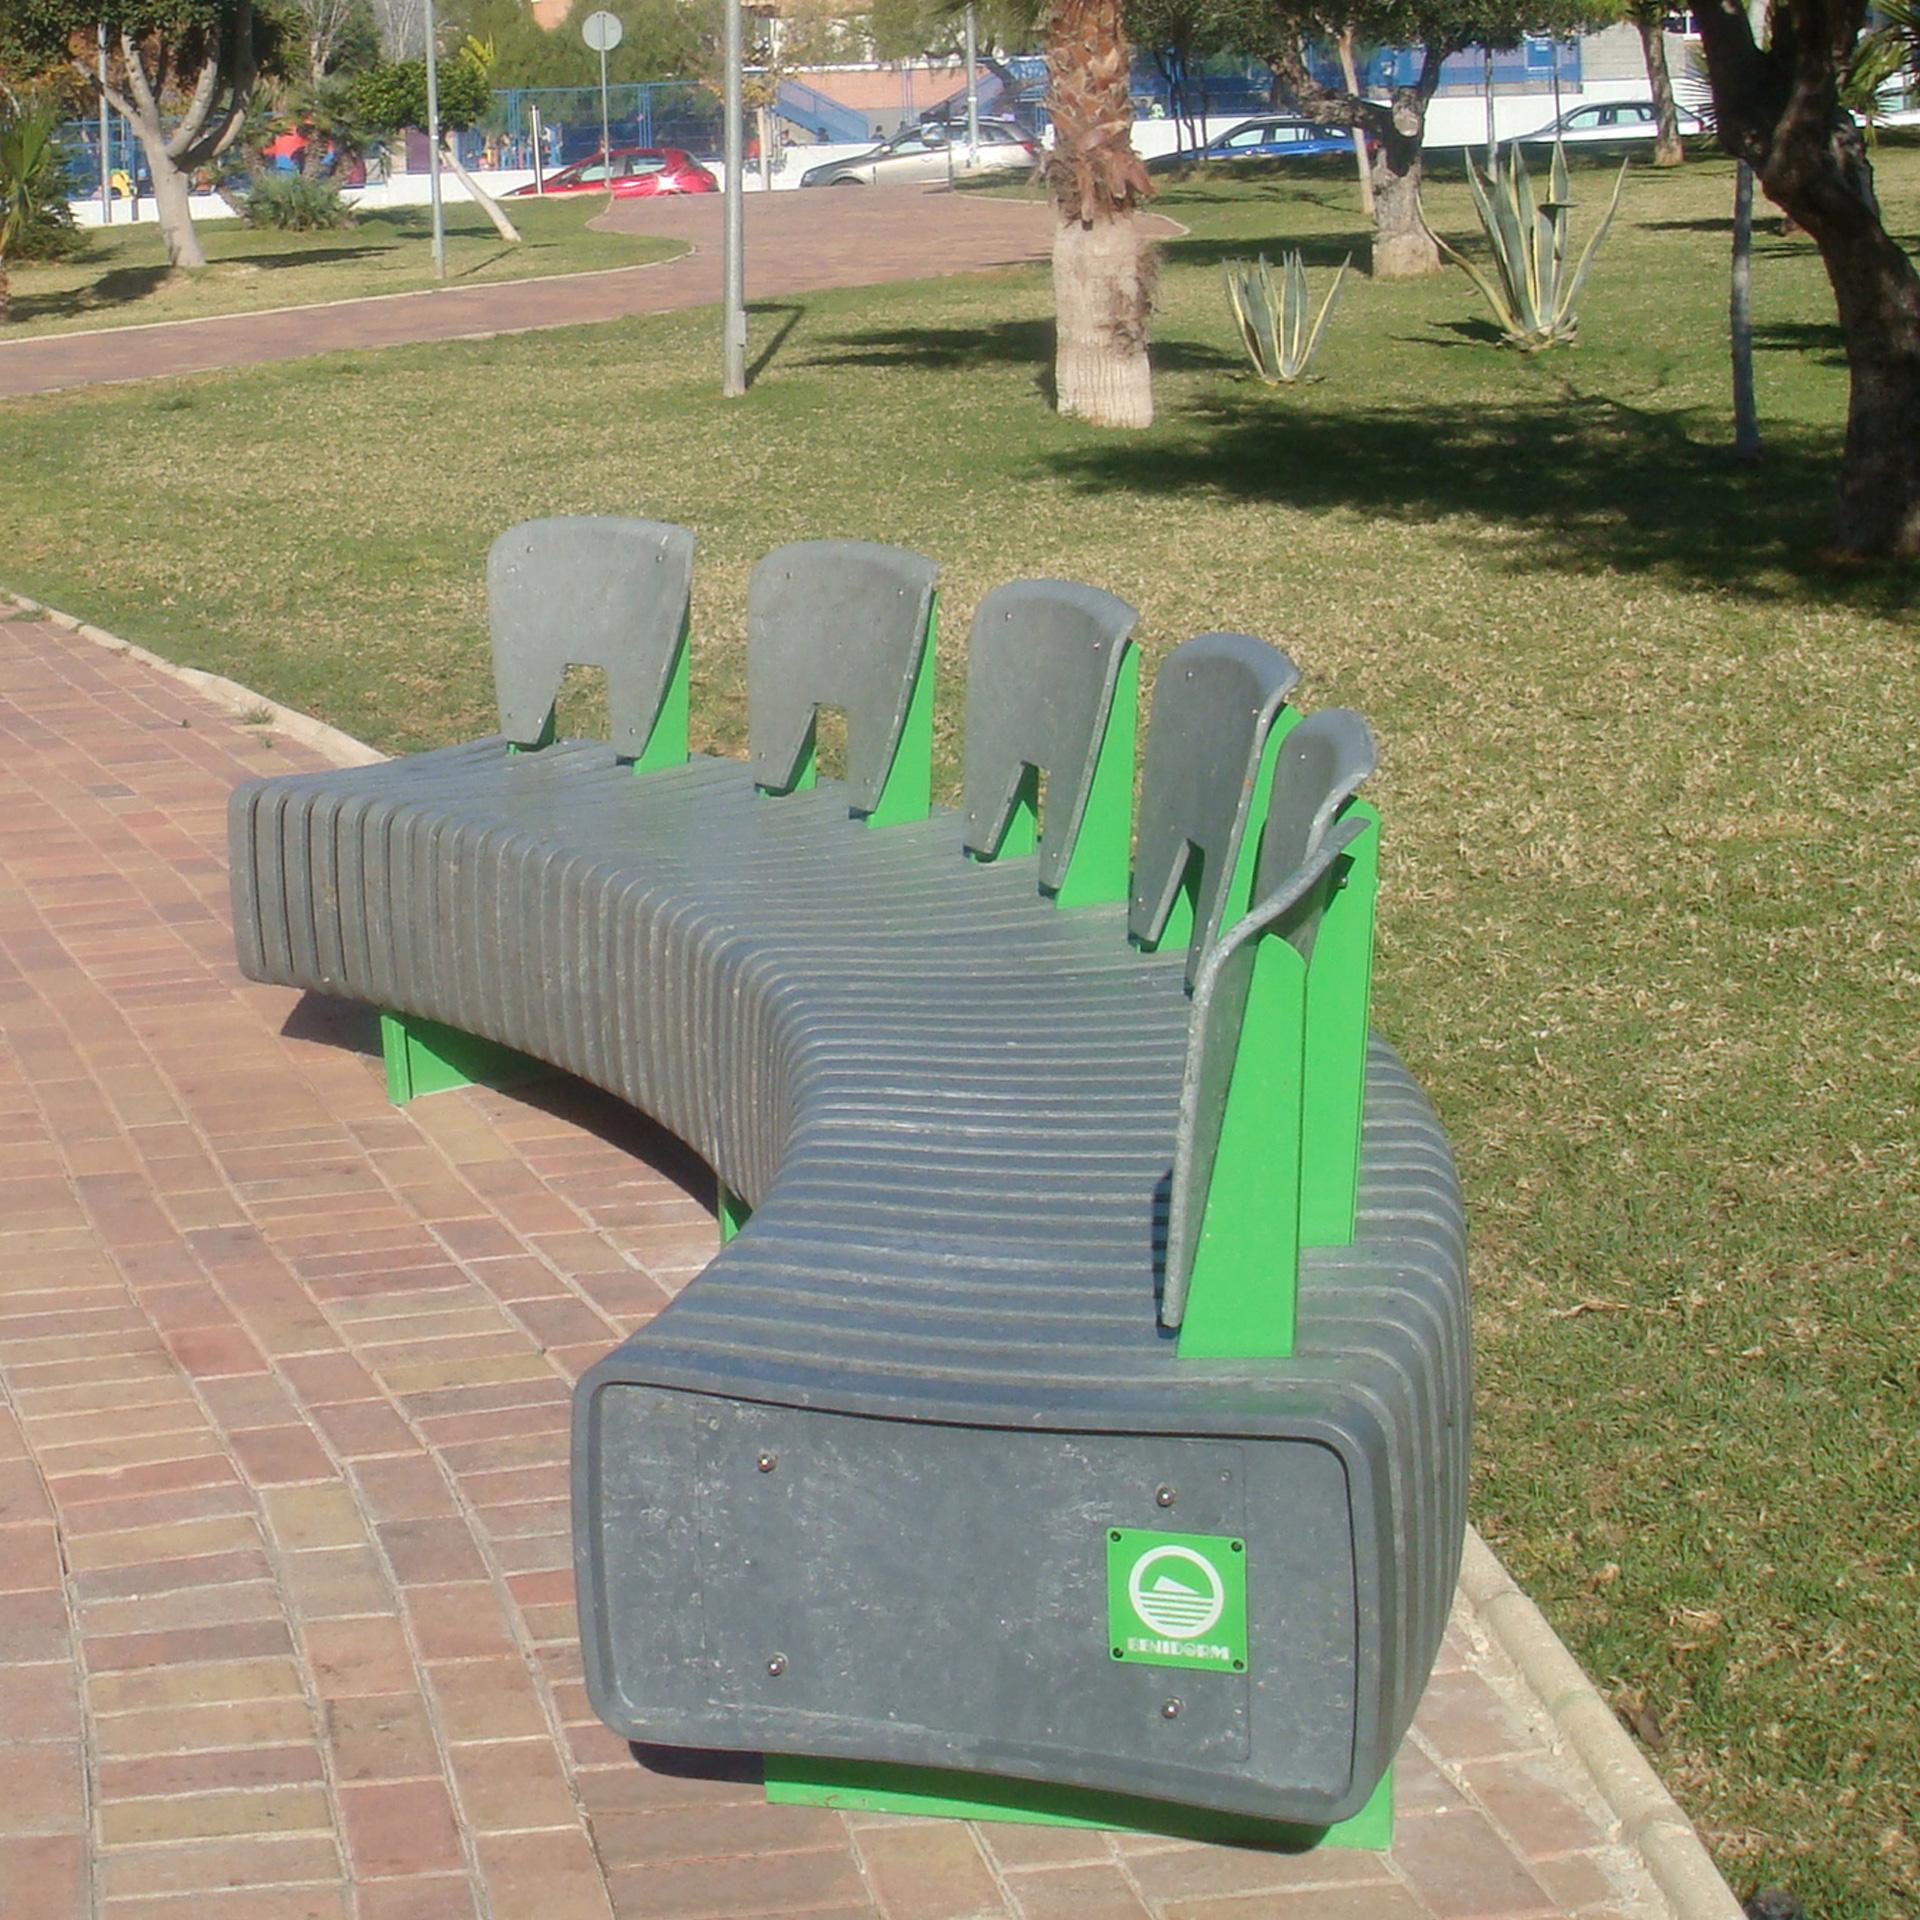 Arredo Urbano In Plastica Riciclata.Elementi Per L Arredo Urbano